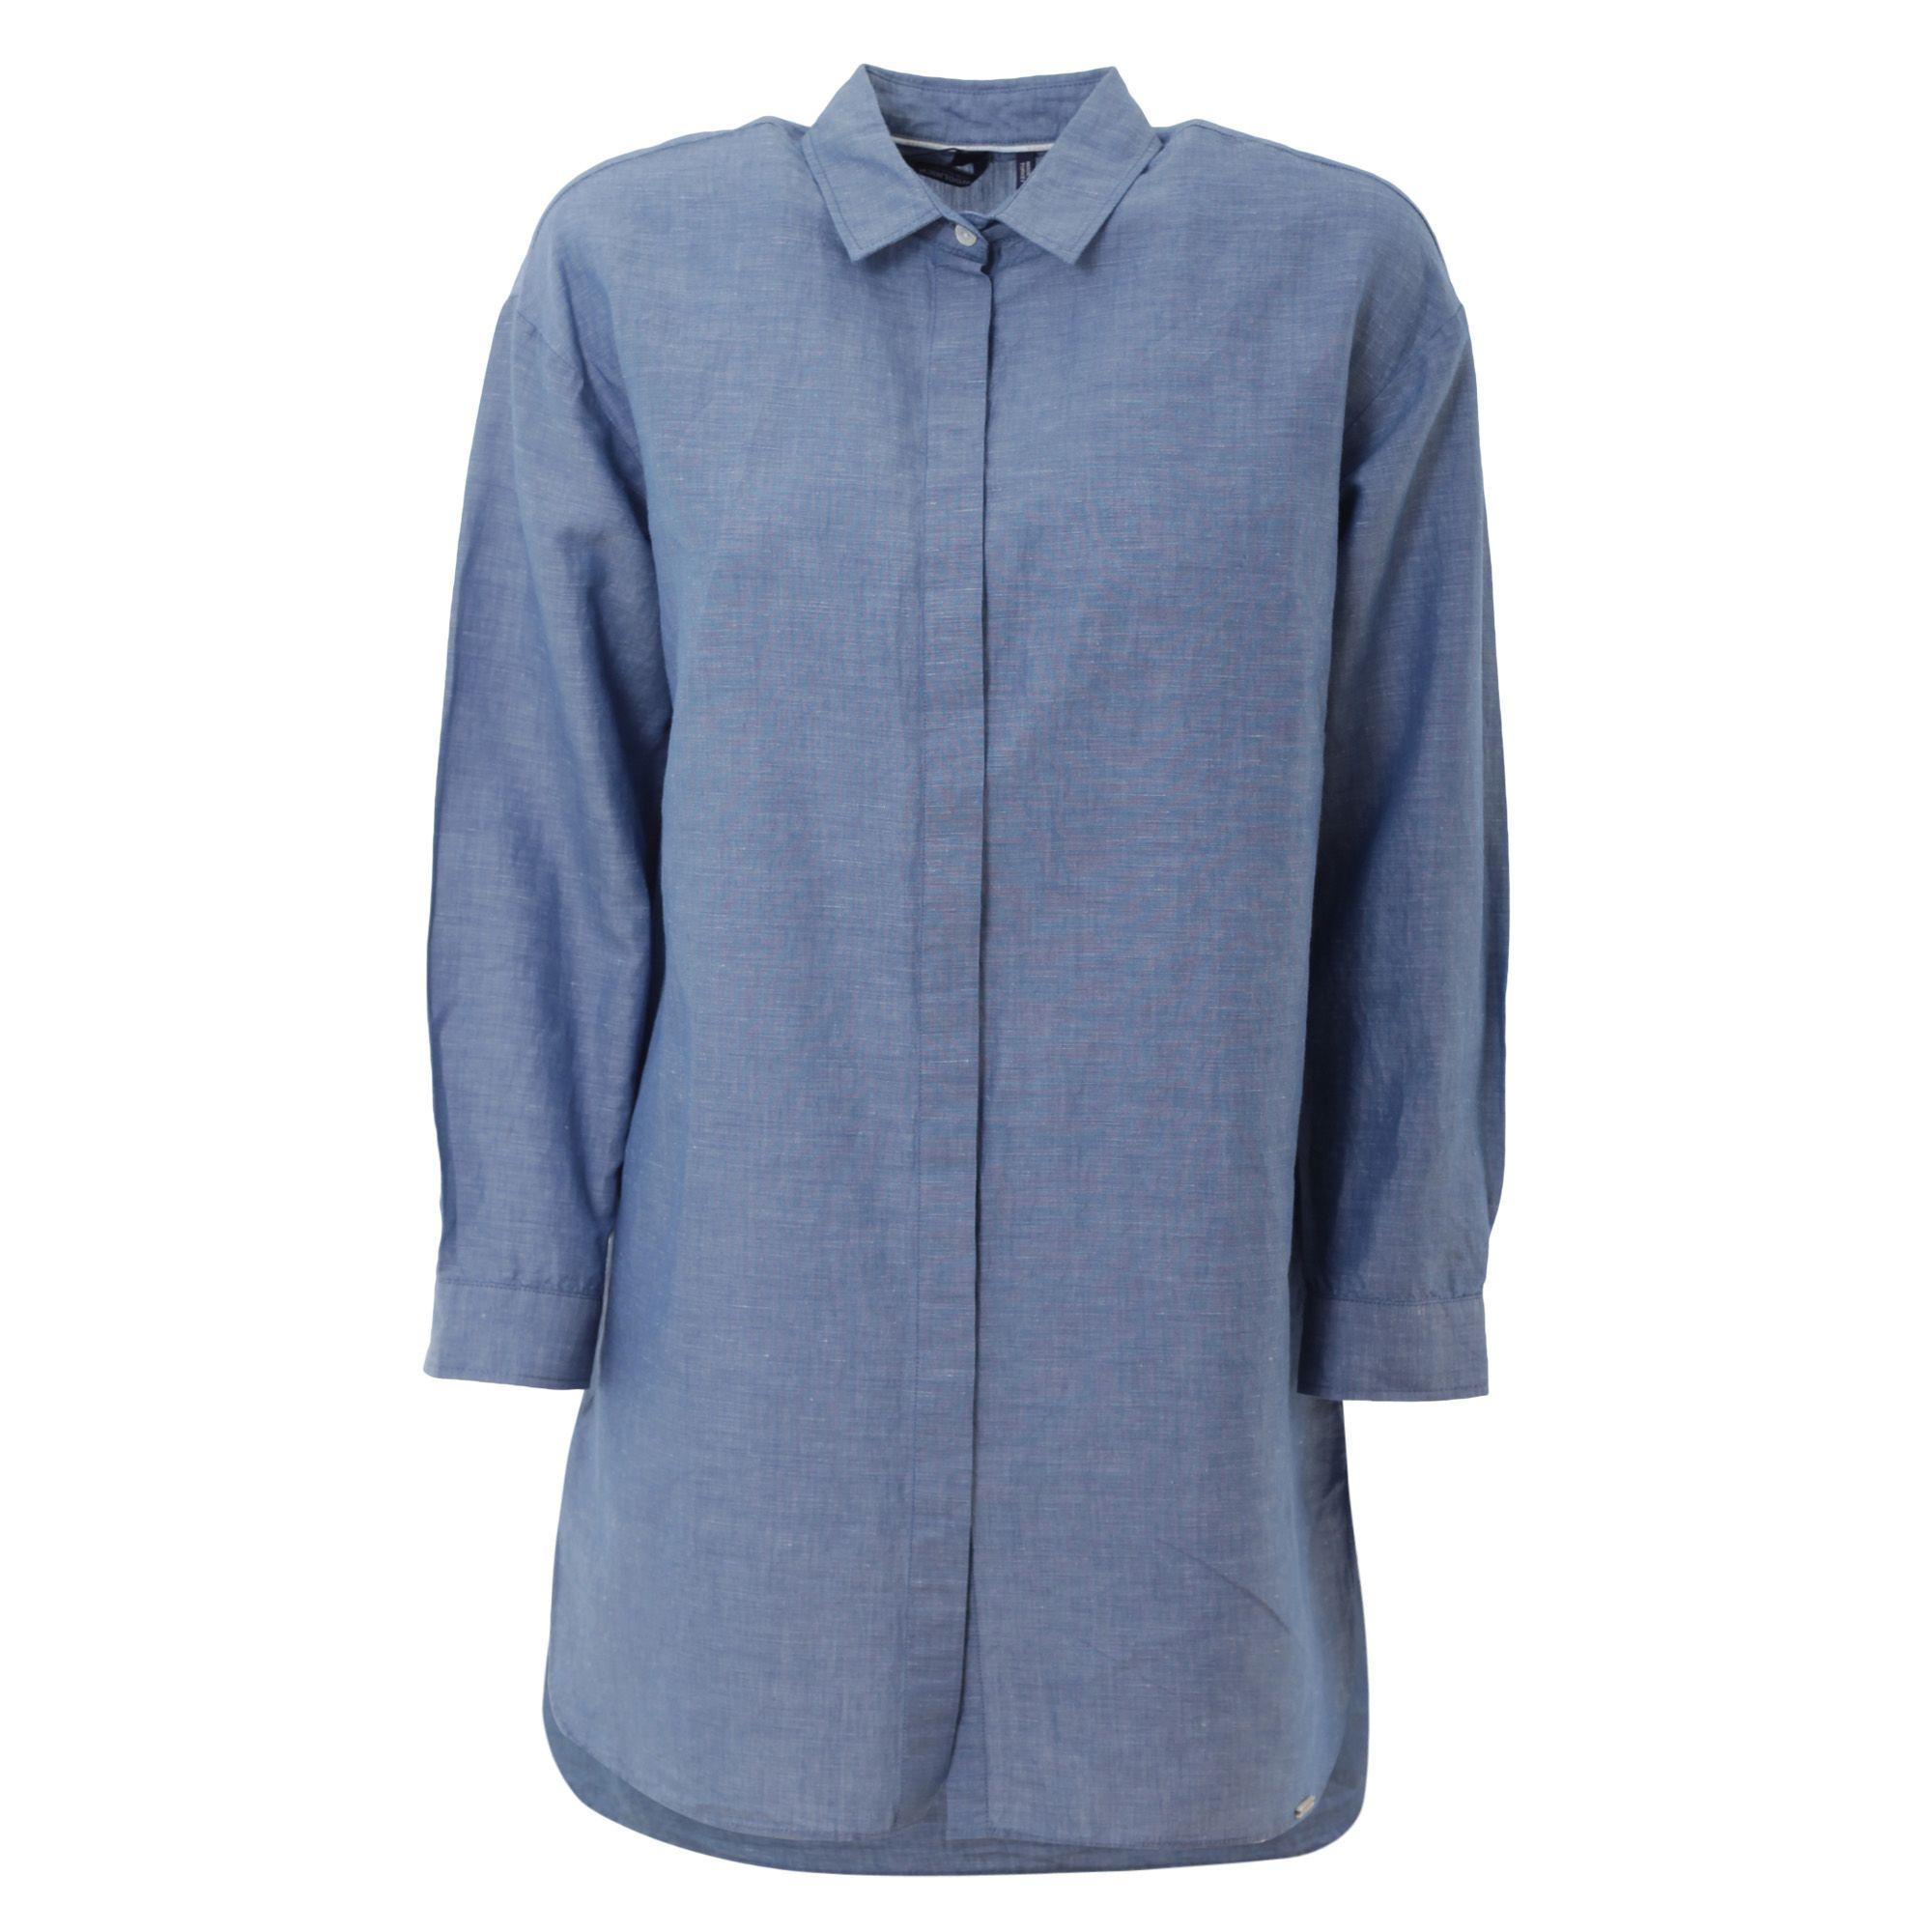 Woolrich Cotton Shirt